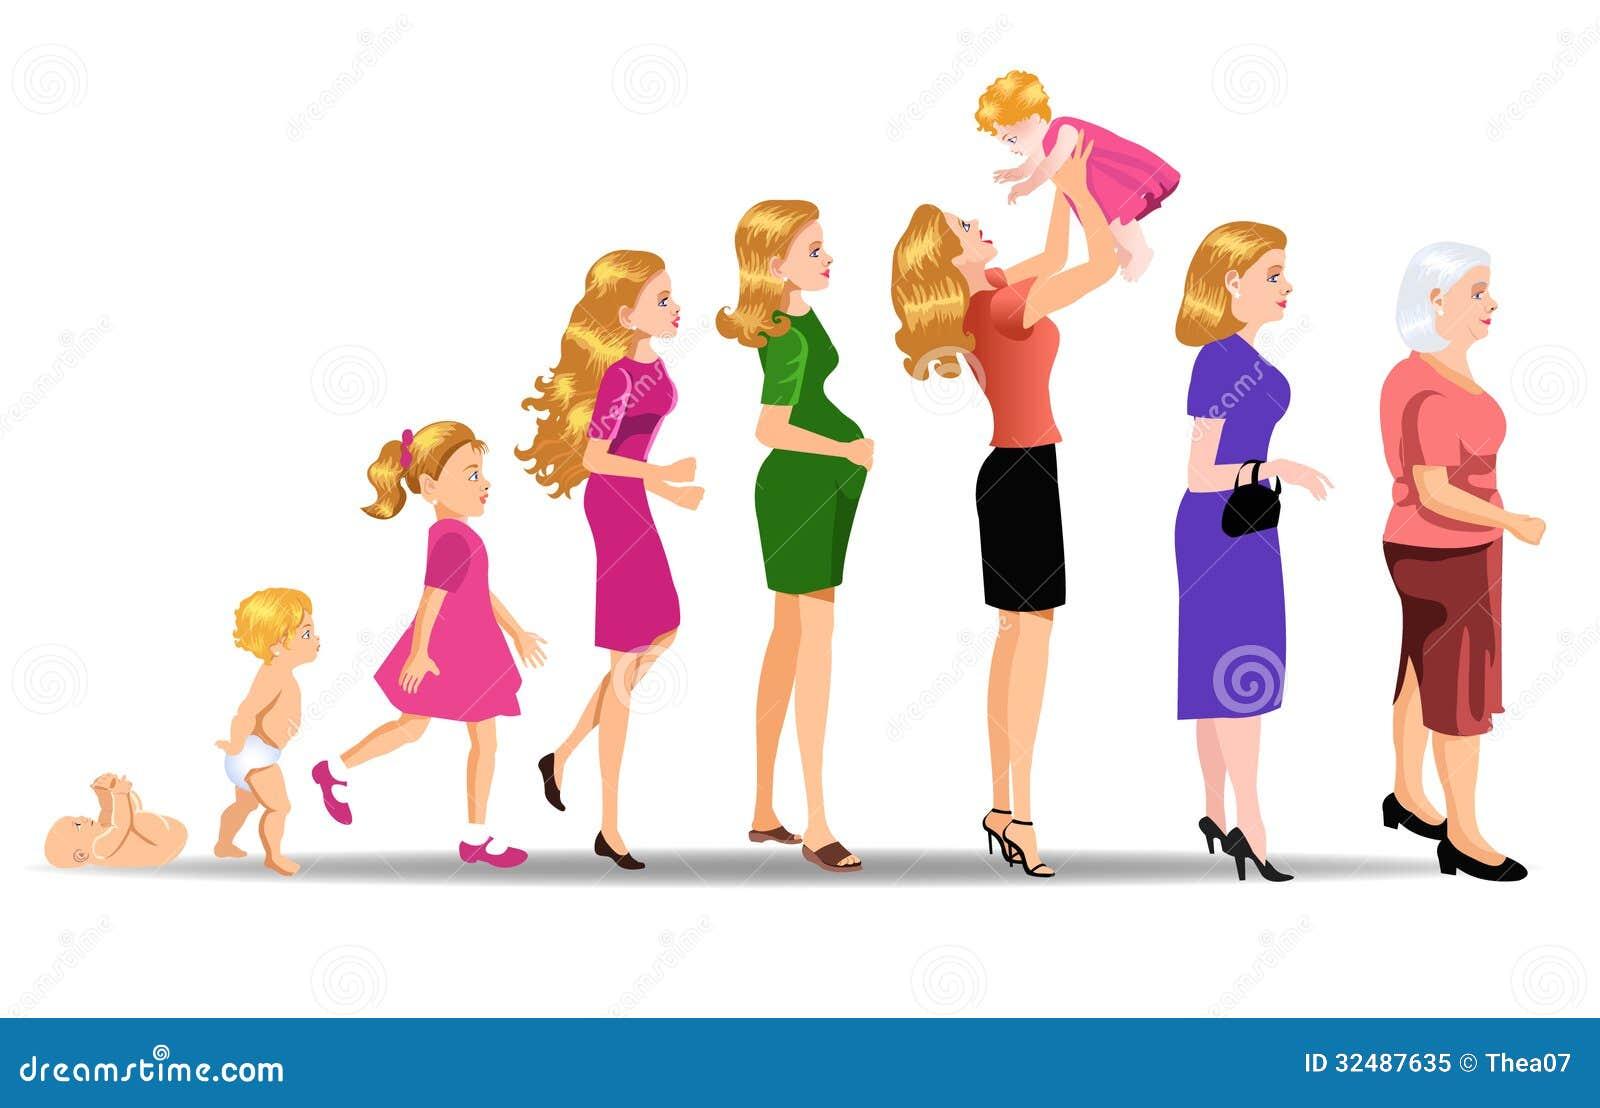 Fases da mulher do desenvolvimento